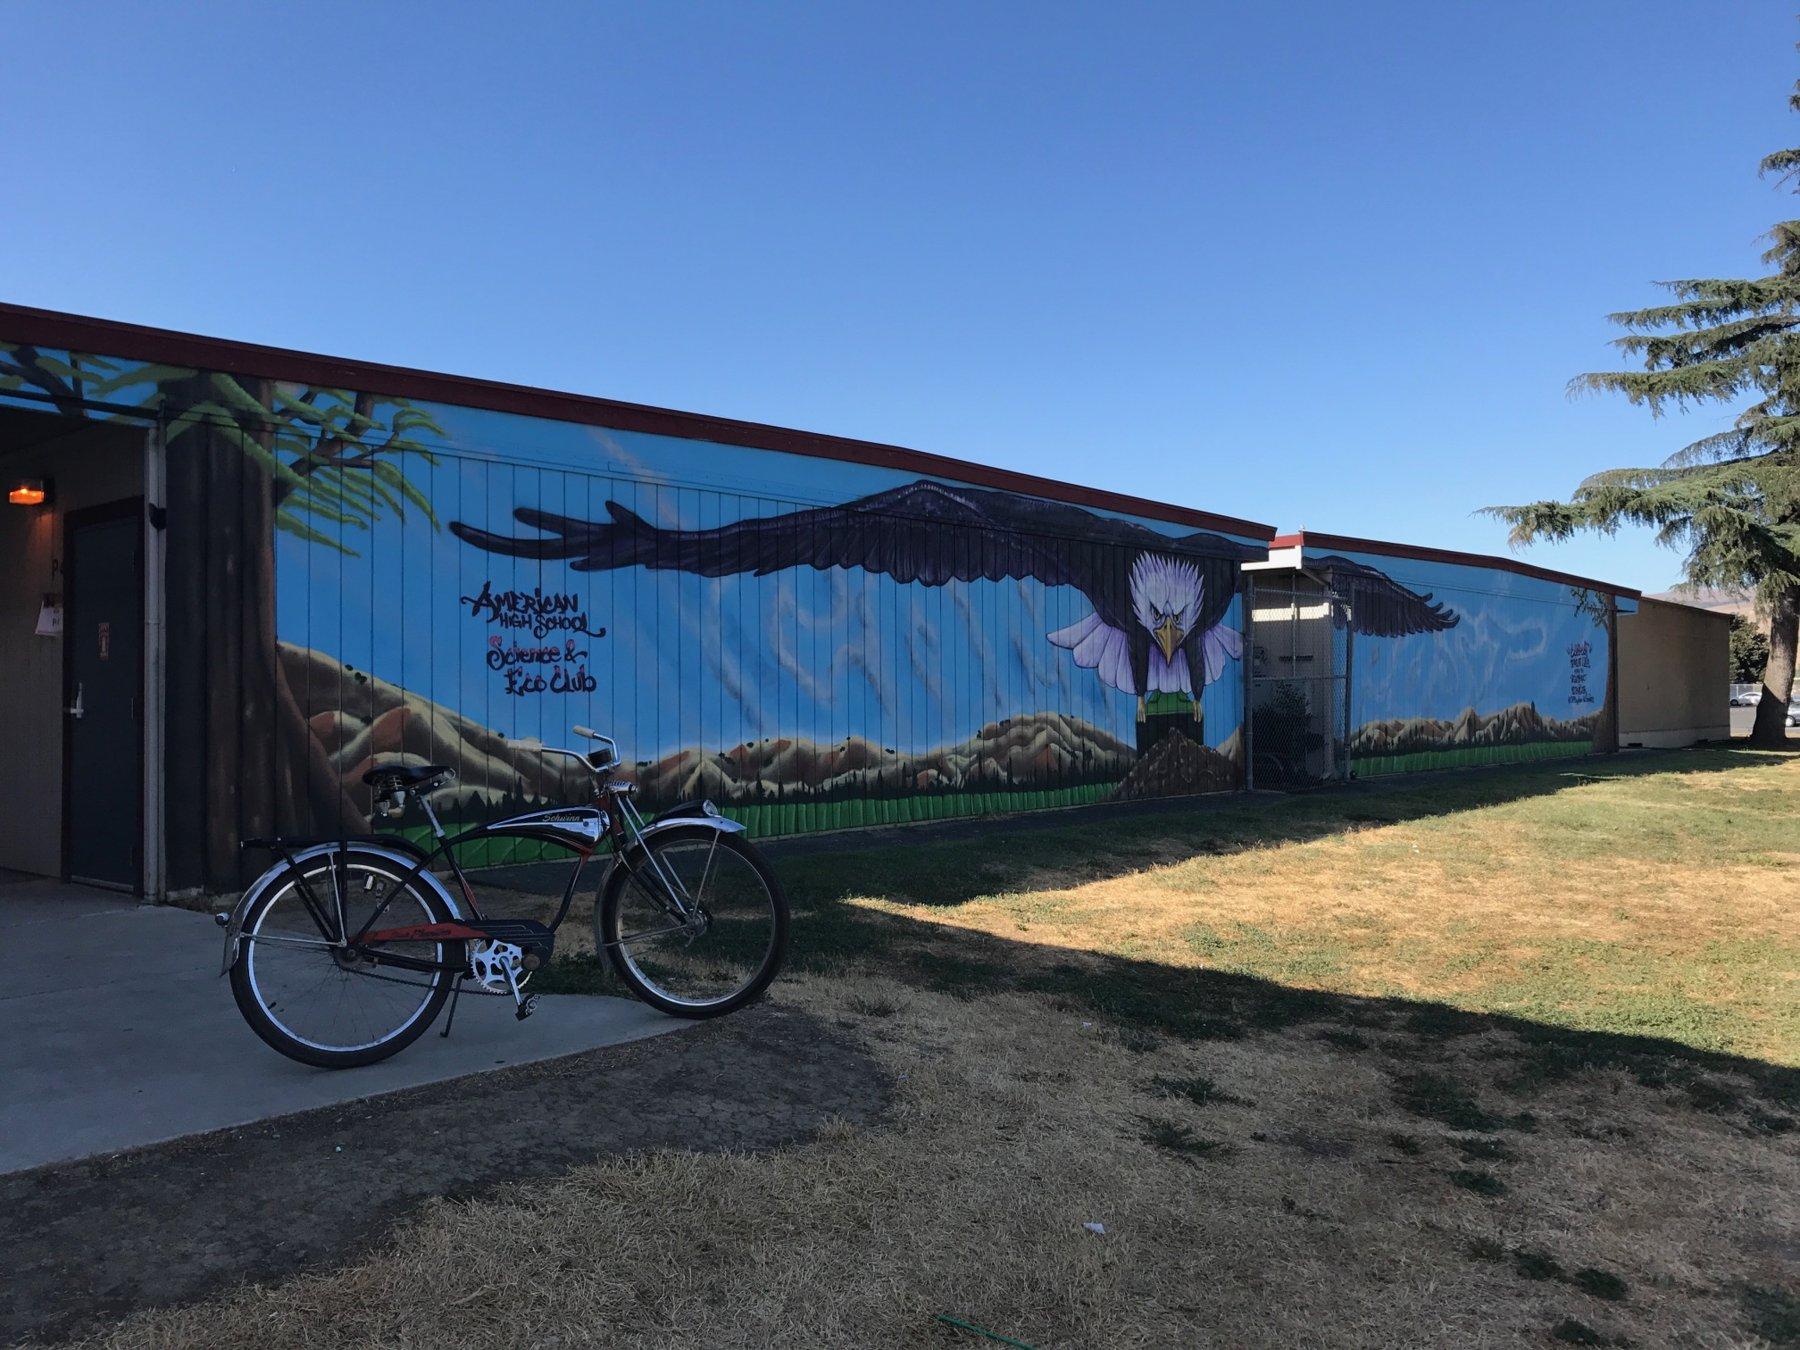 9-15-17 mural.JPG